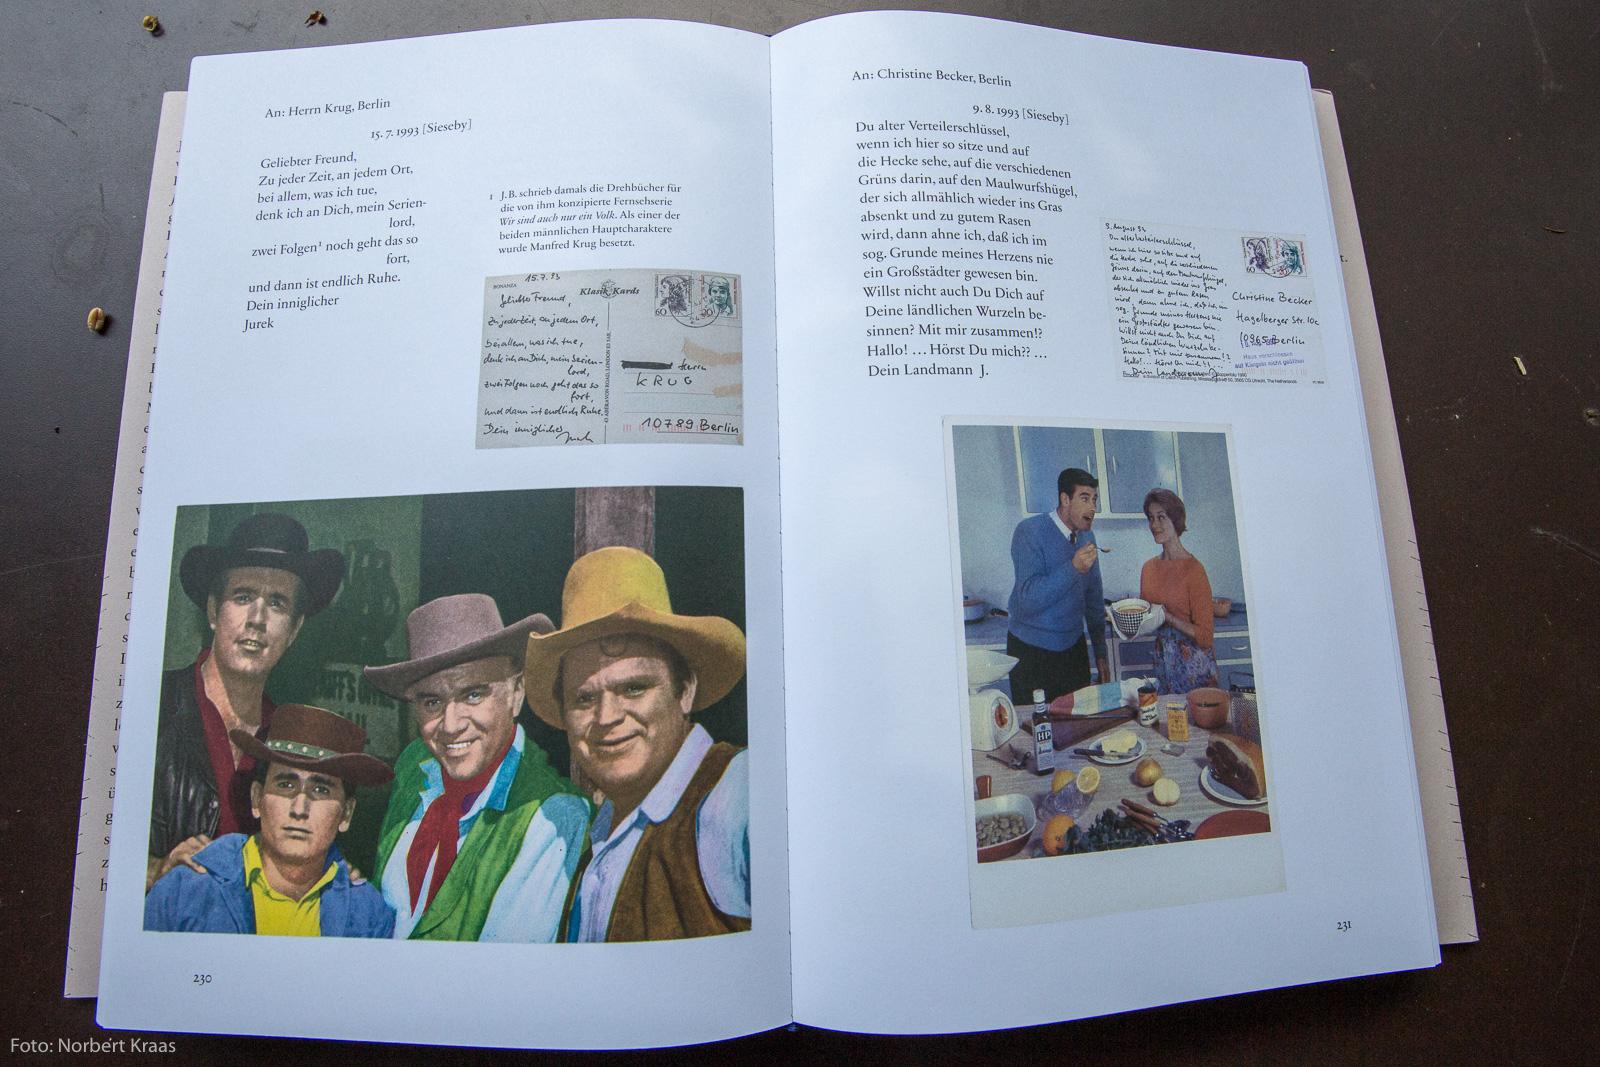 Jurek Becker hat nicht nur die Texte seiner Postkarten sorgfältig komponiert, sondern auch die Motive ganz bewusst ausgesucht